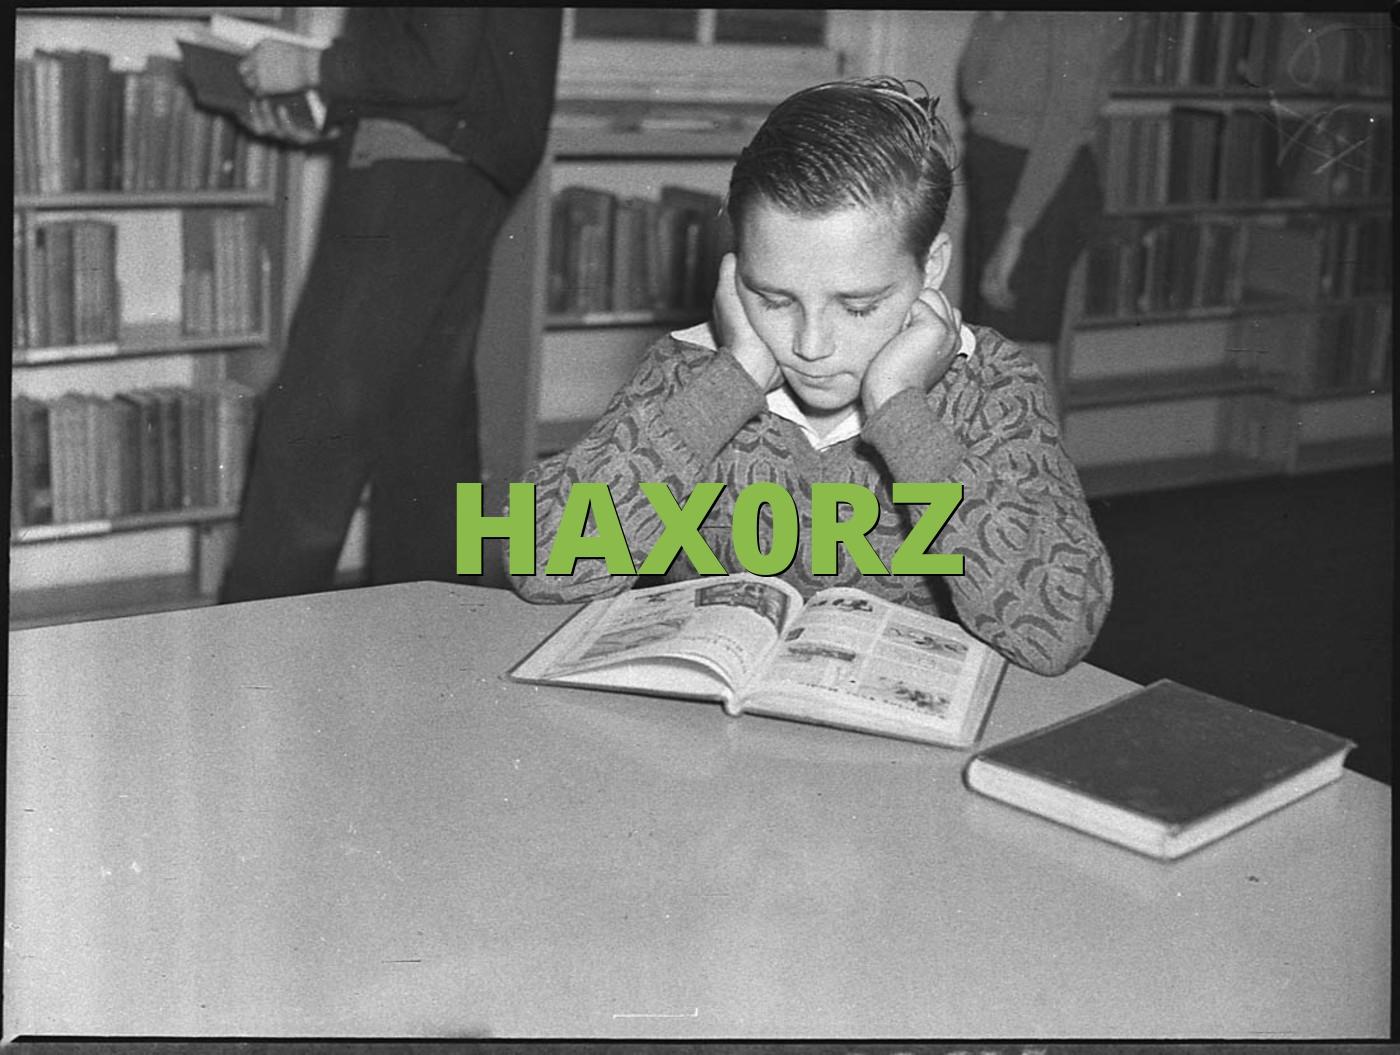 HAX0RZ